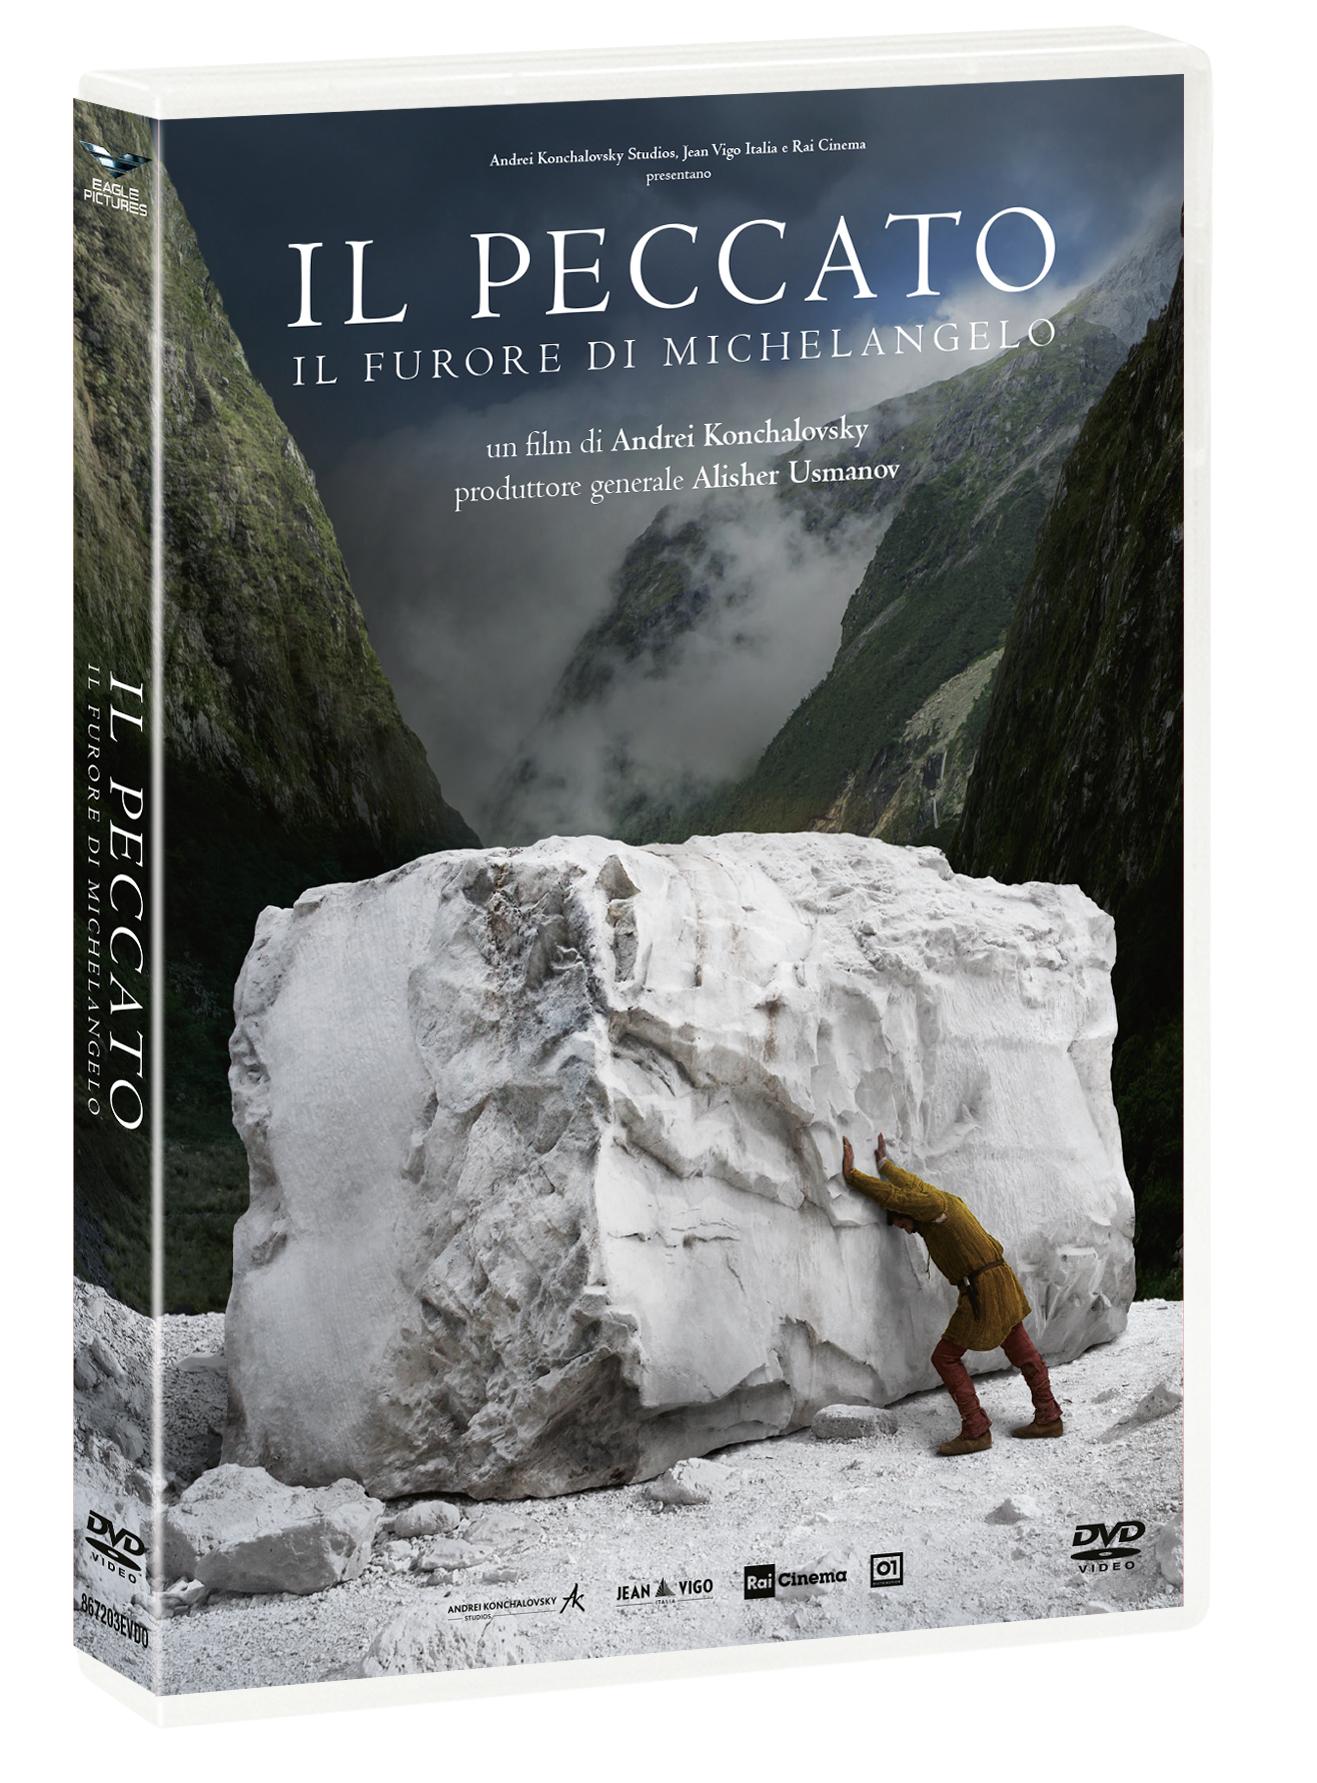 IL PECCATO - IL FURORE DI MICHELANGELO (DVD)